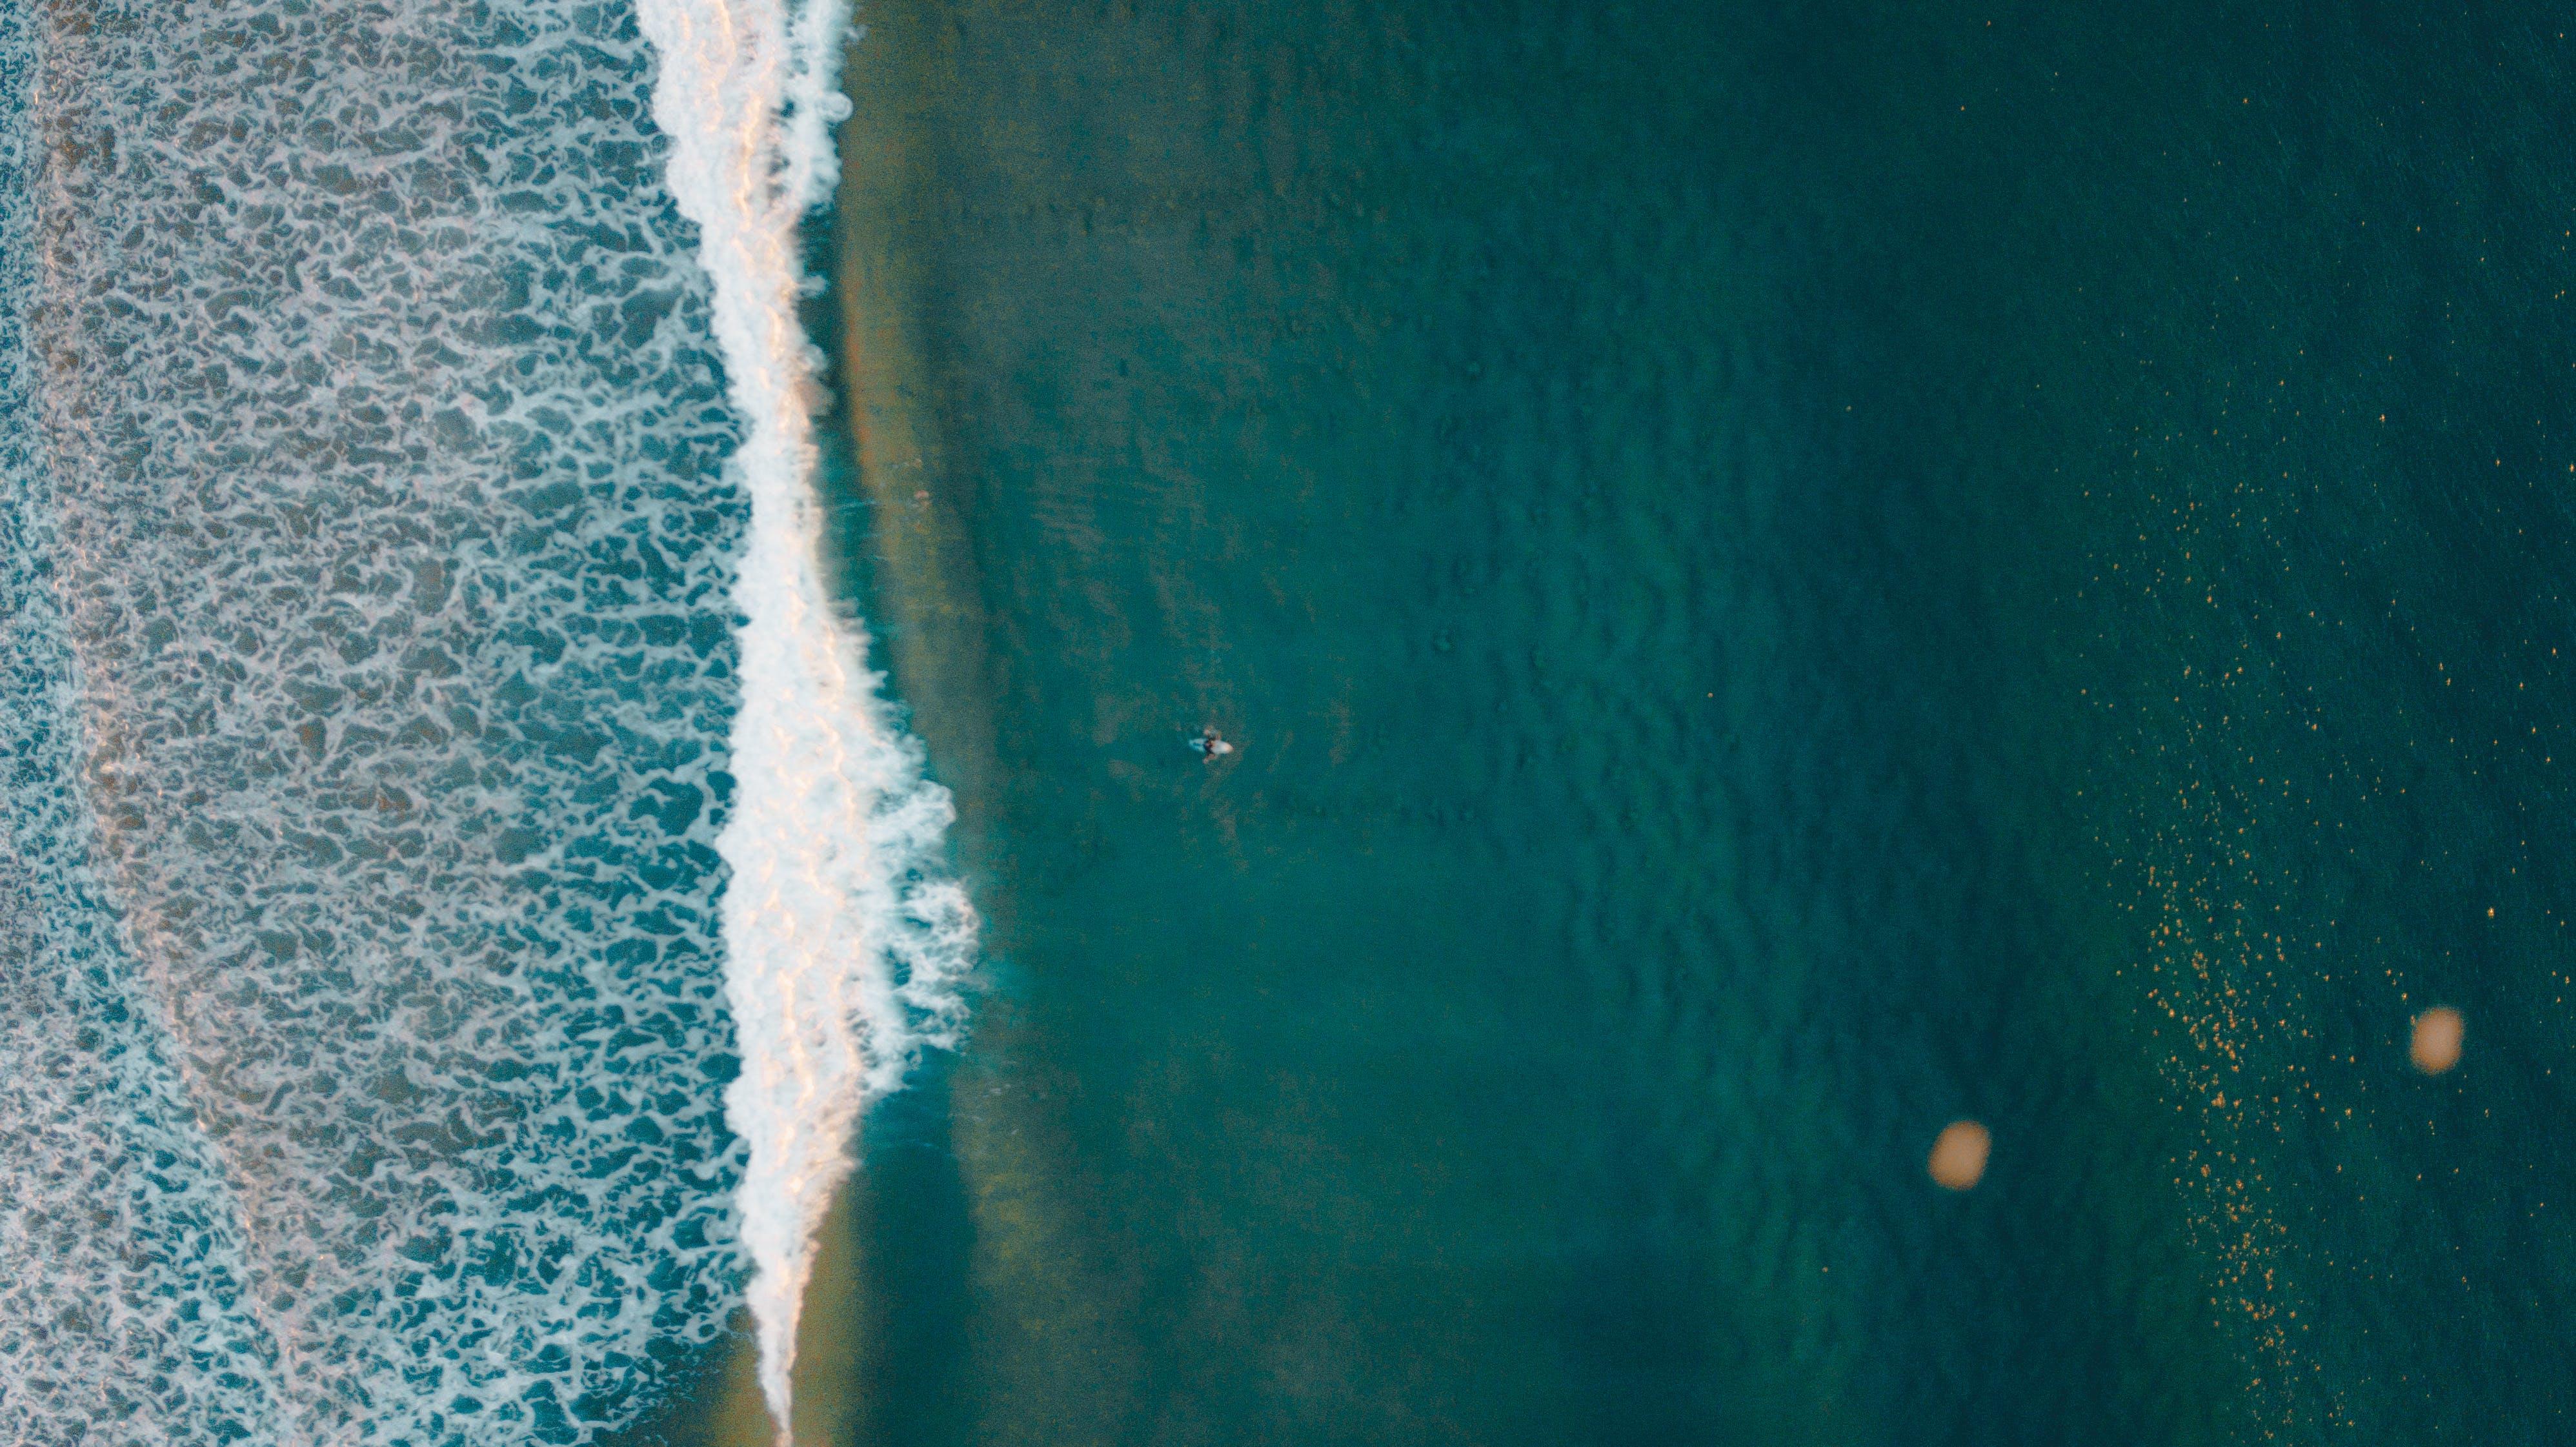 コスタデカパリカ, ポルトガル, 上から, 水の無料の写真素材